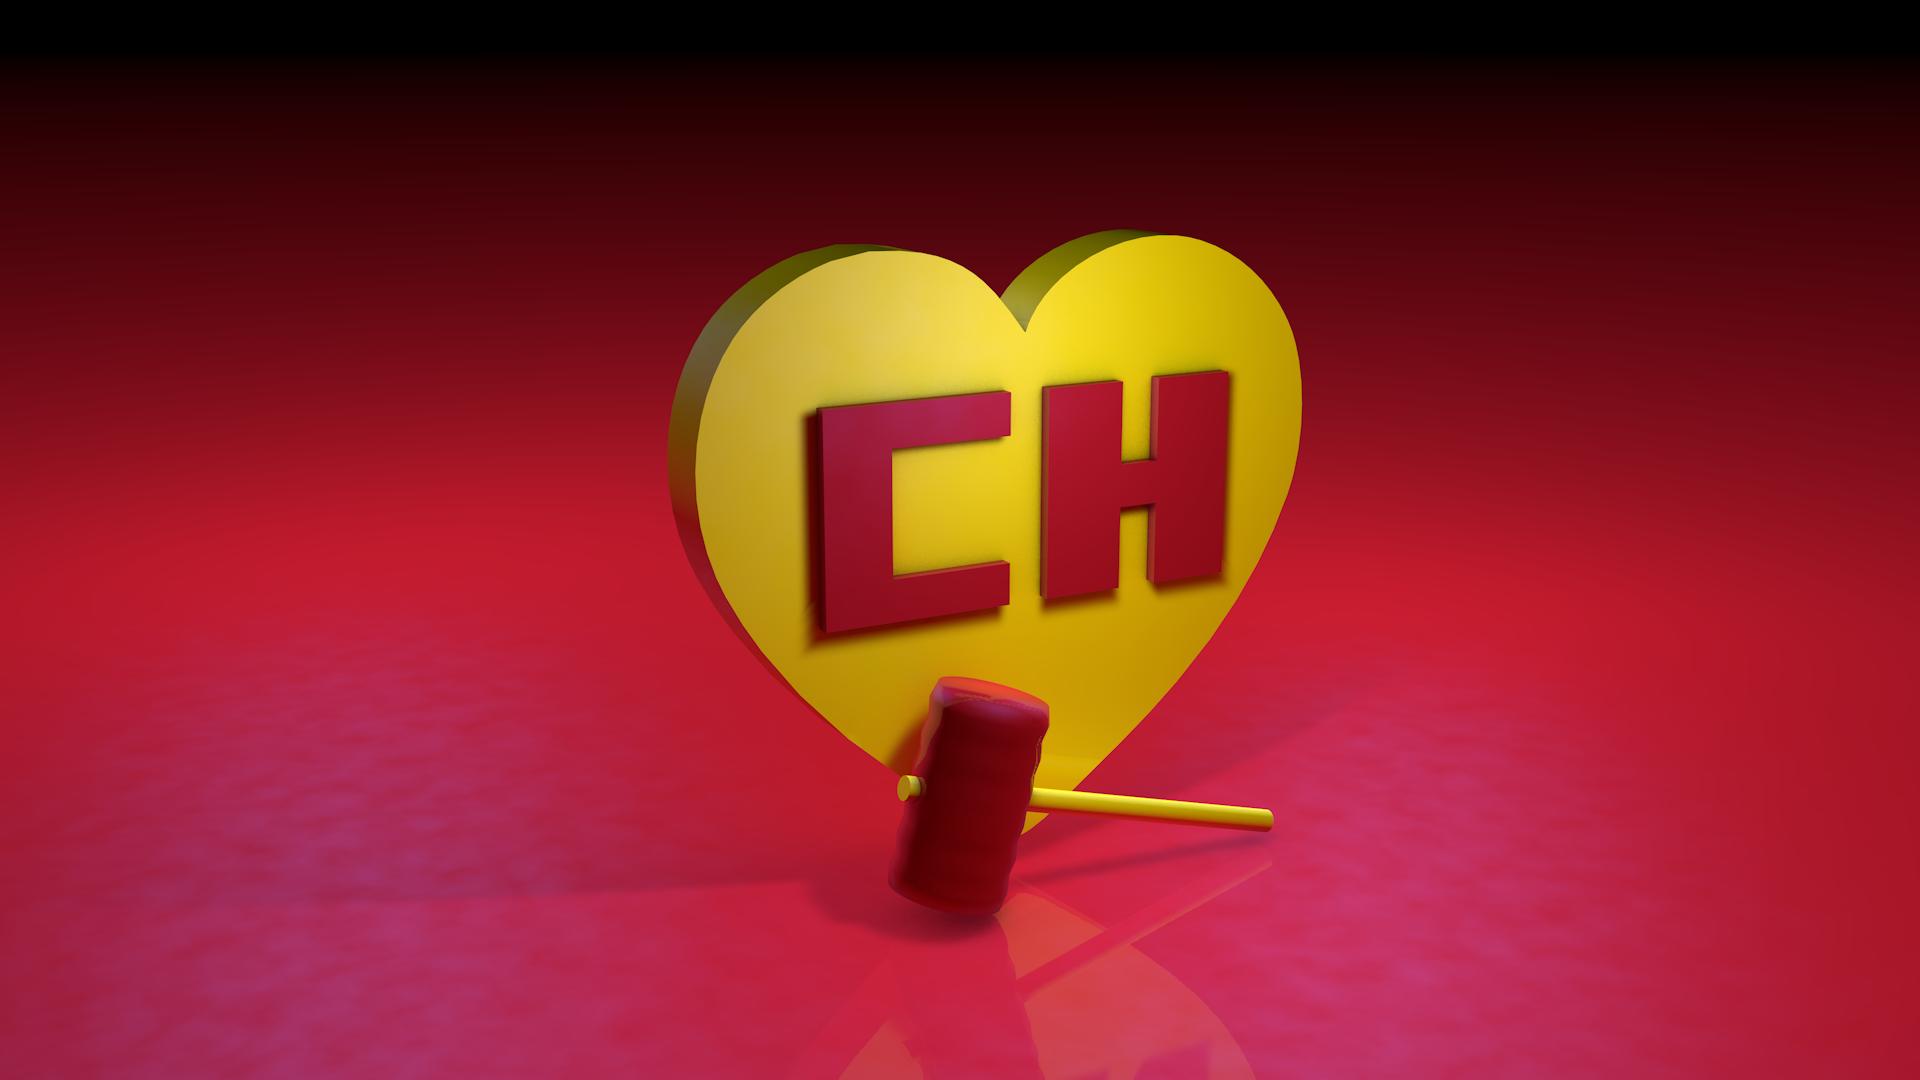 El Chapulin Colorado 3d Logo With Hammer Chapolin Colorado Molduras Gratis